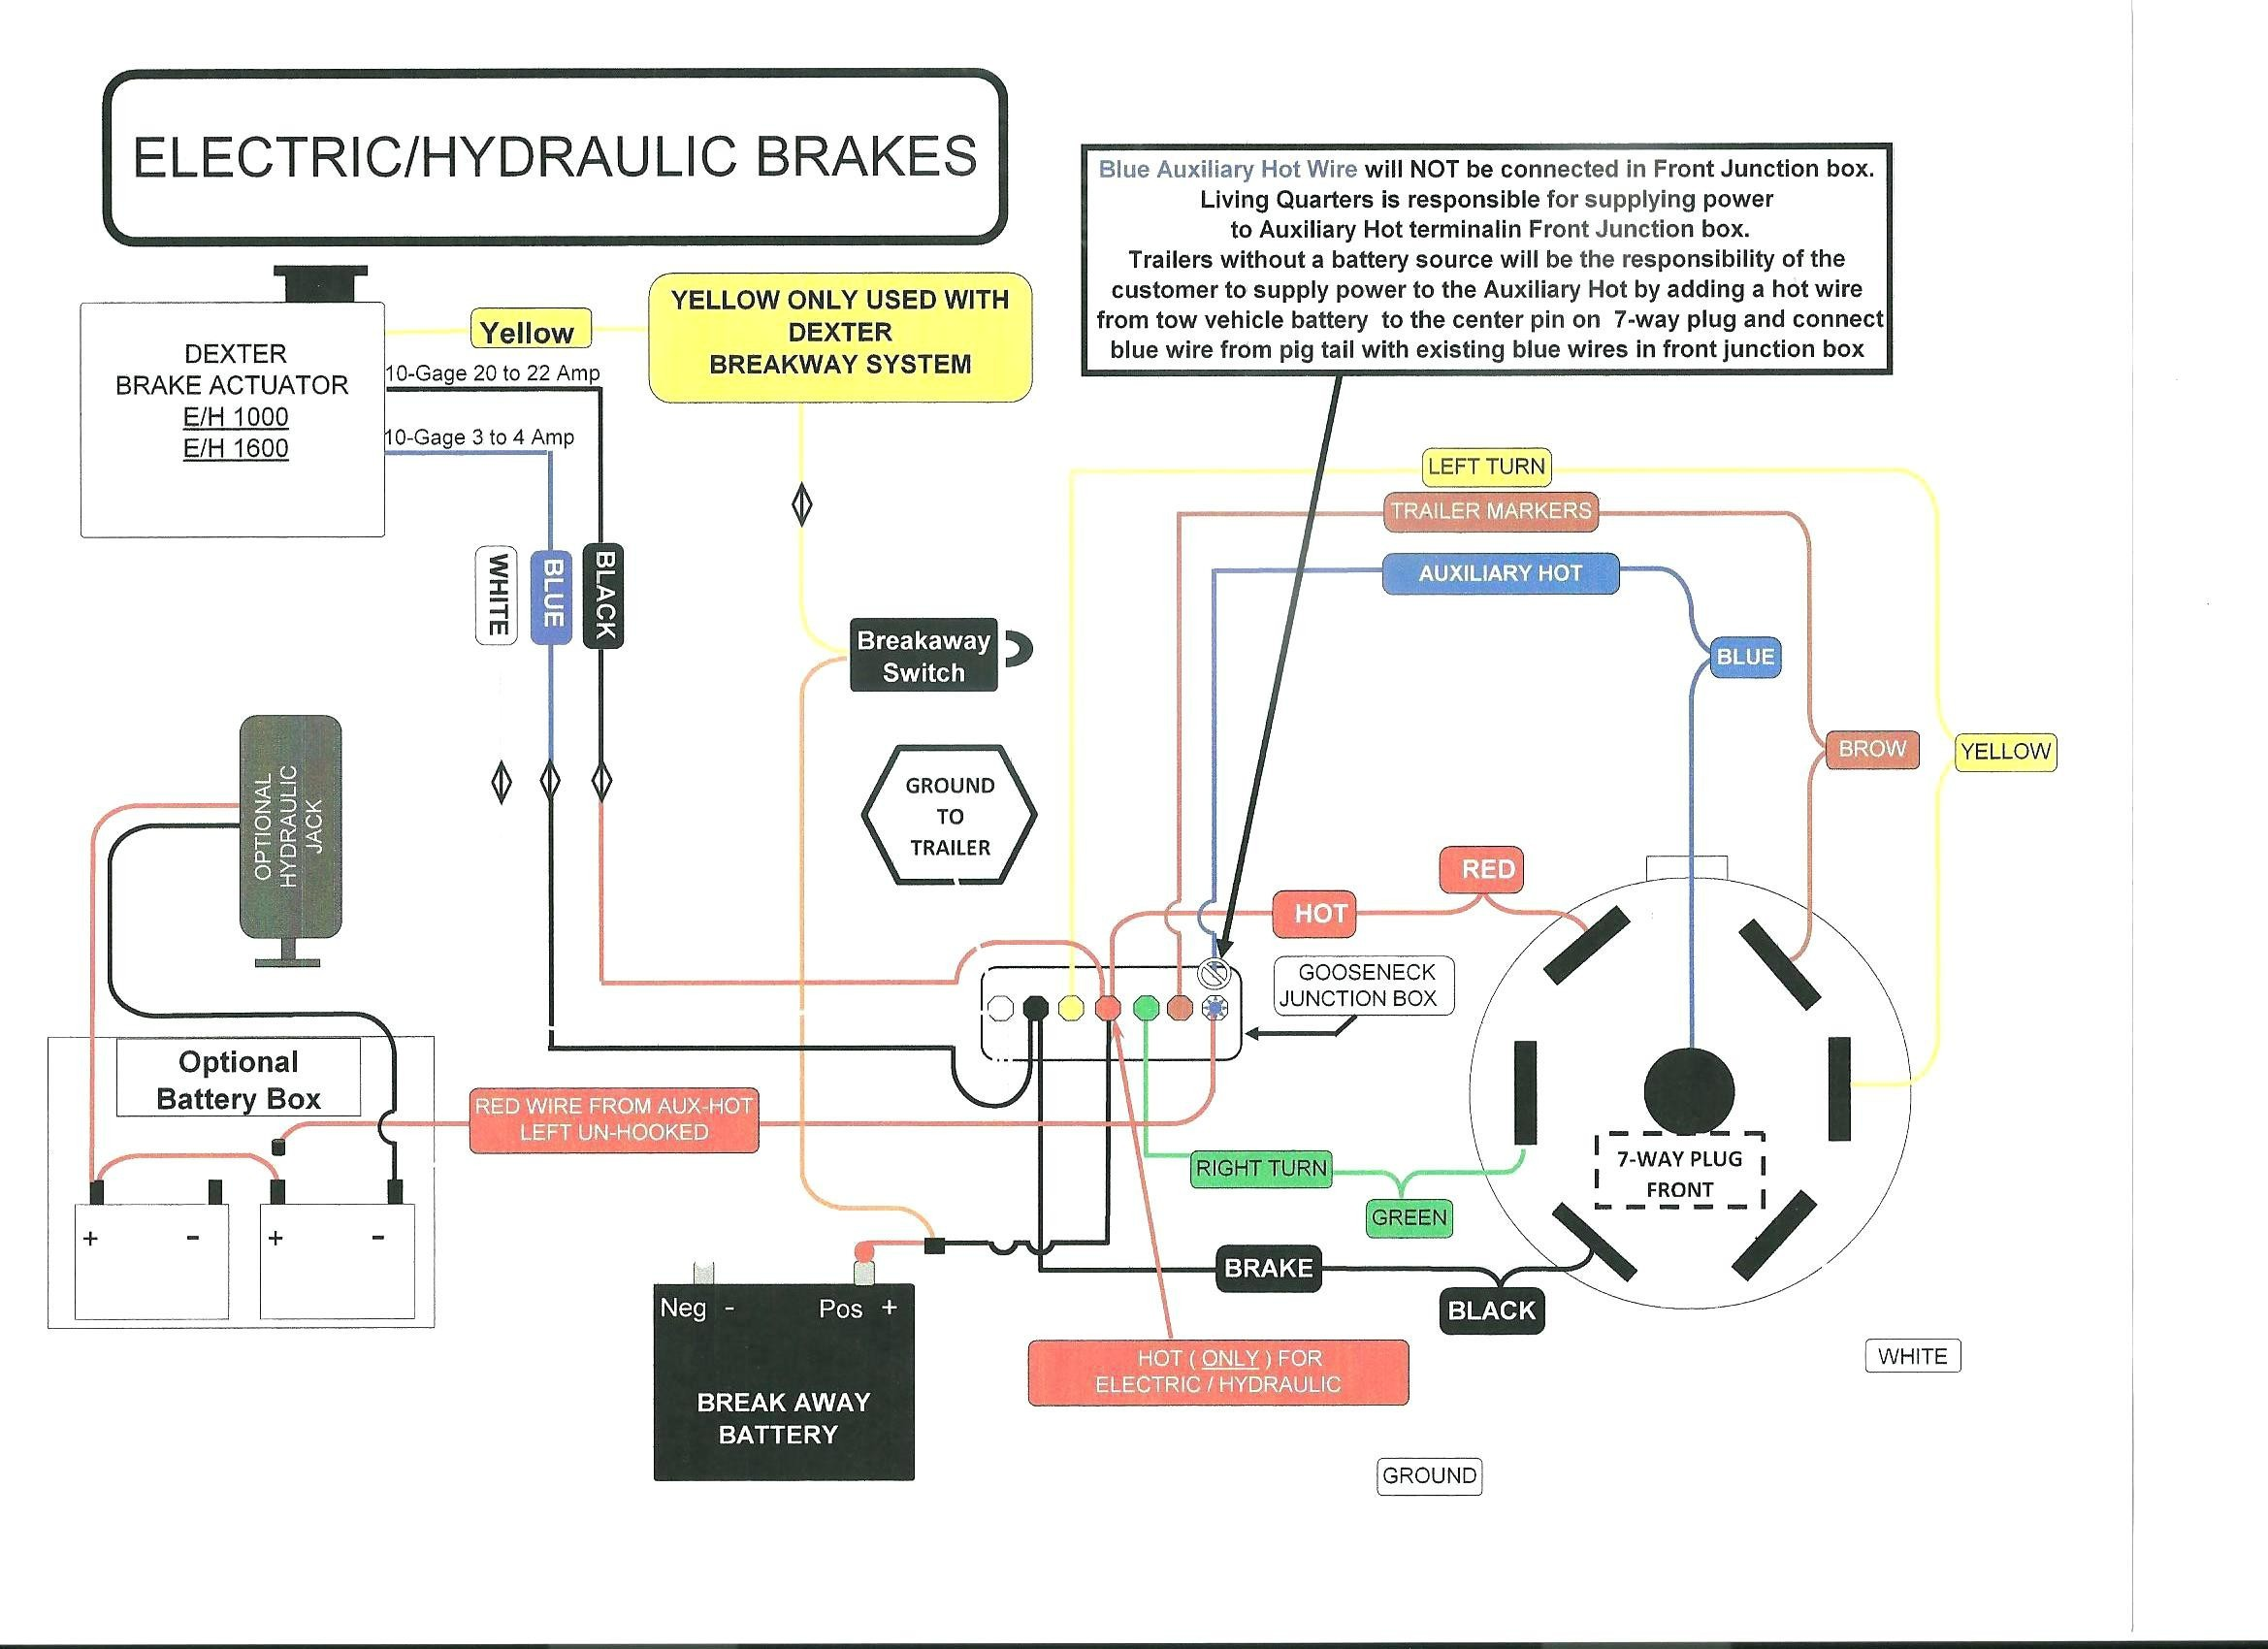 [SCHEMATICS_48YU]  KF_8119] Electric Trailer Breakaway Wiring Diagram Schematic Wiring | Dexter Brake Wiring Diagram |  | Unho Nekout Seve Mohammedshrine Librar Wiring 101